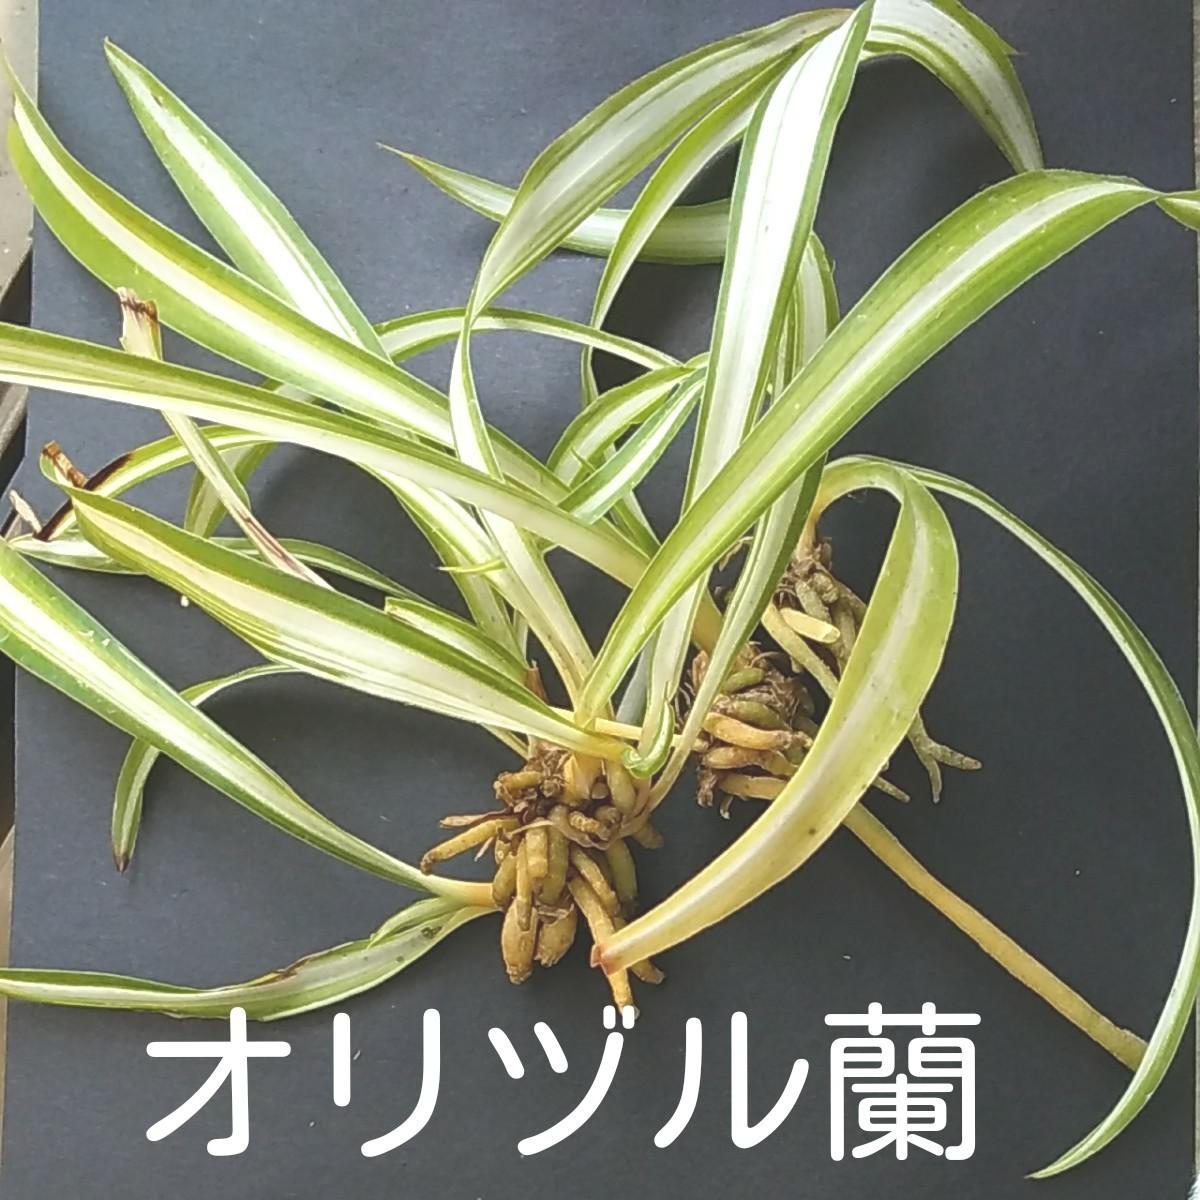 オリヅルラン 子株 (写真の3株) + おまけ(もう少し小さい子株3株)